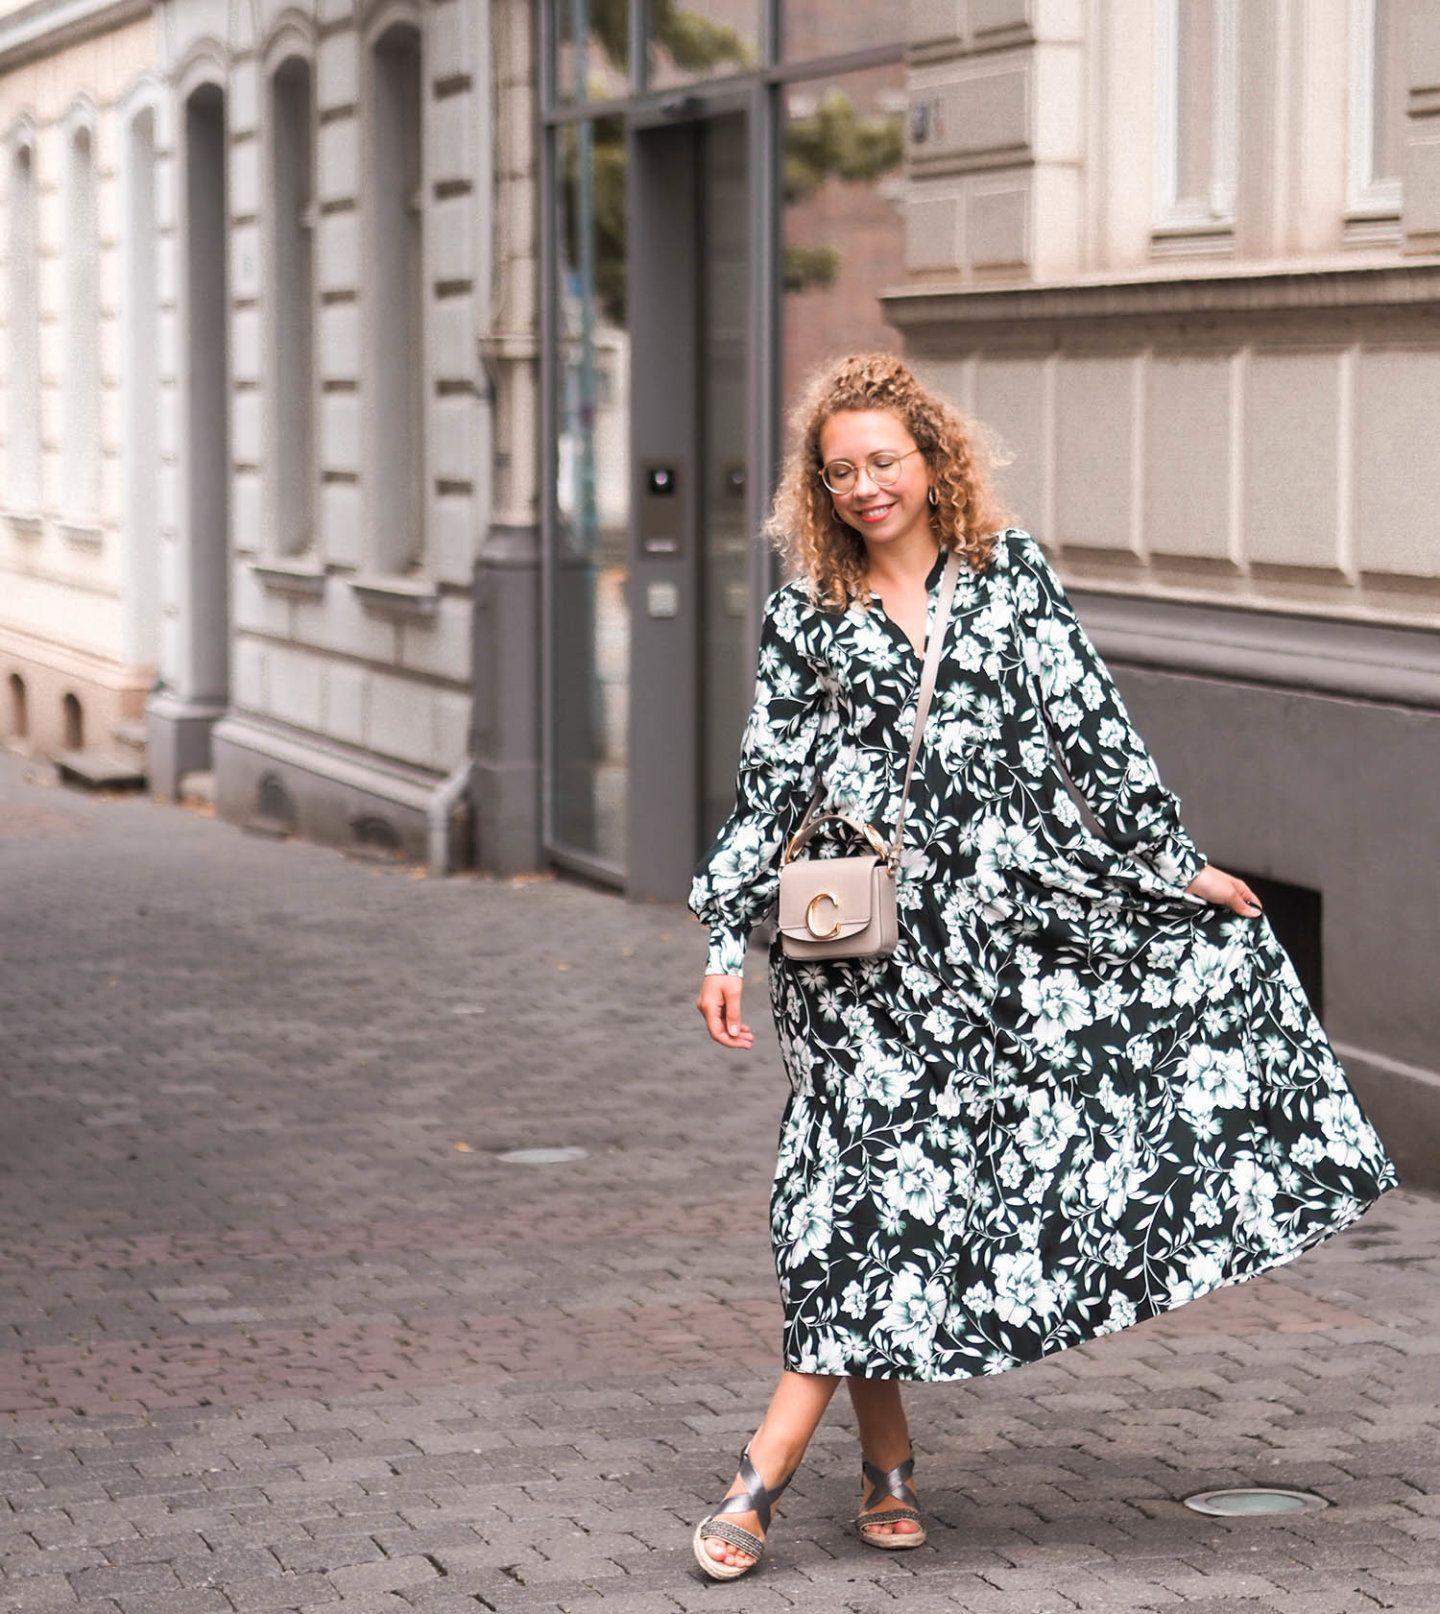 maxikleid mit langen Ärmeln: kleider-trend 2020 in 2020